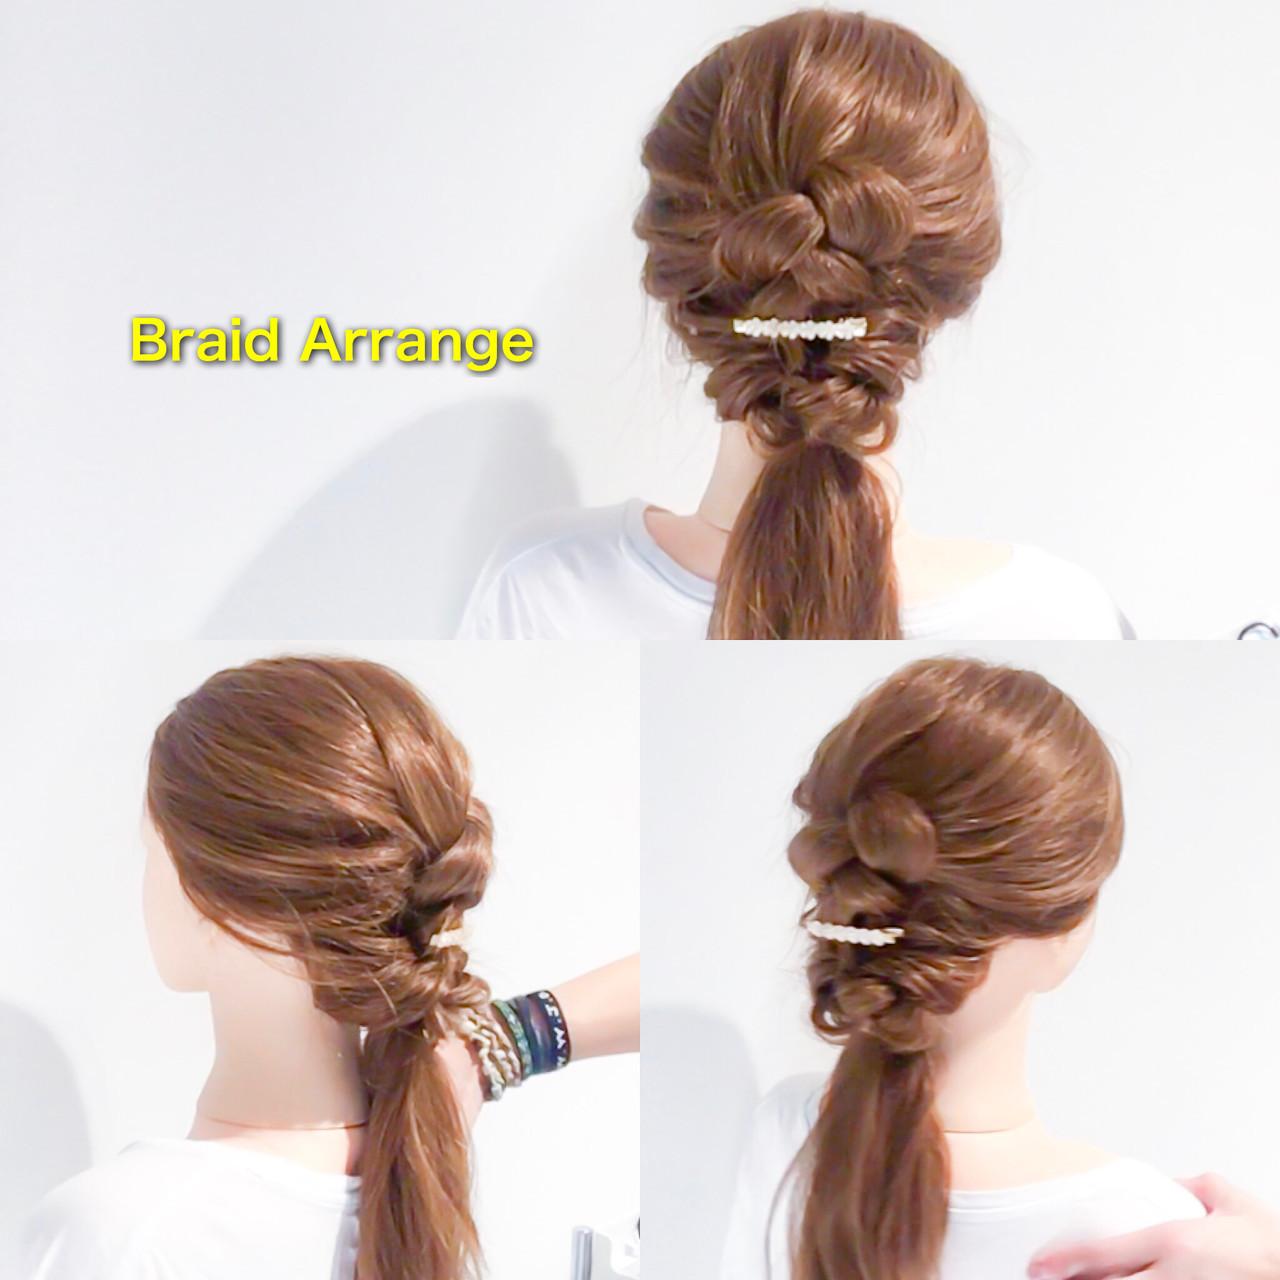 エレガント 結婚式 ヘアアレンジ 三つ編み ヘアスタイルや髪型の写真・画像